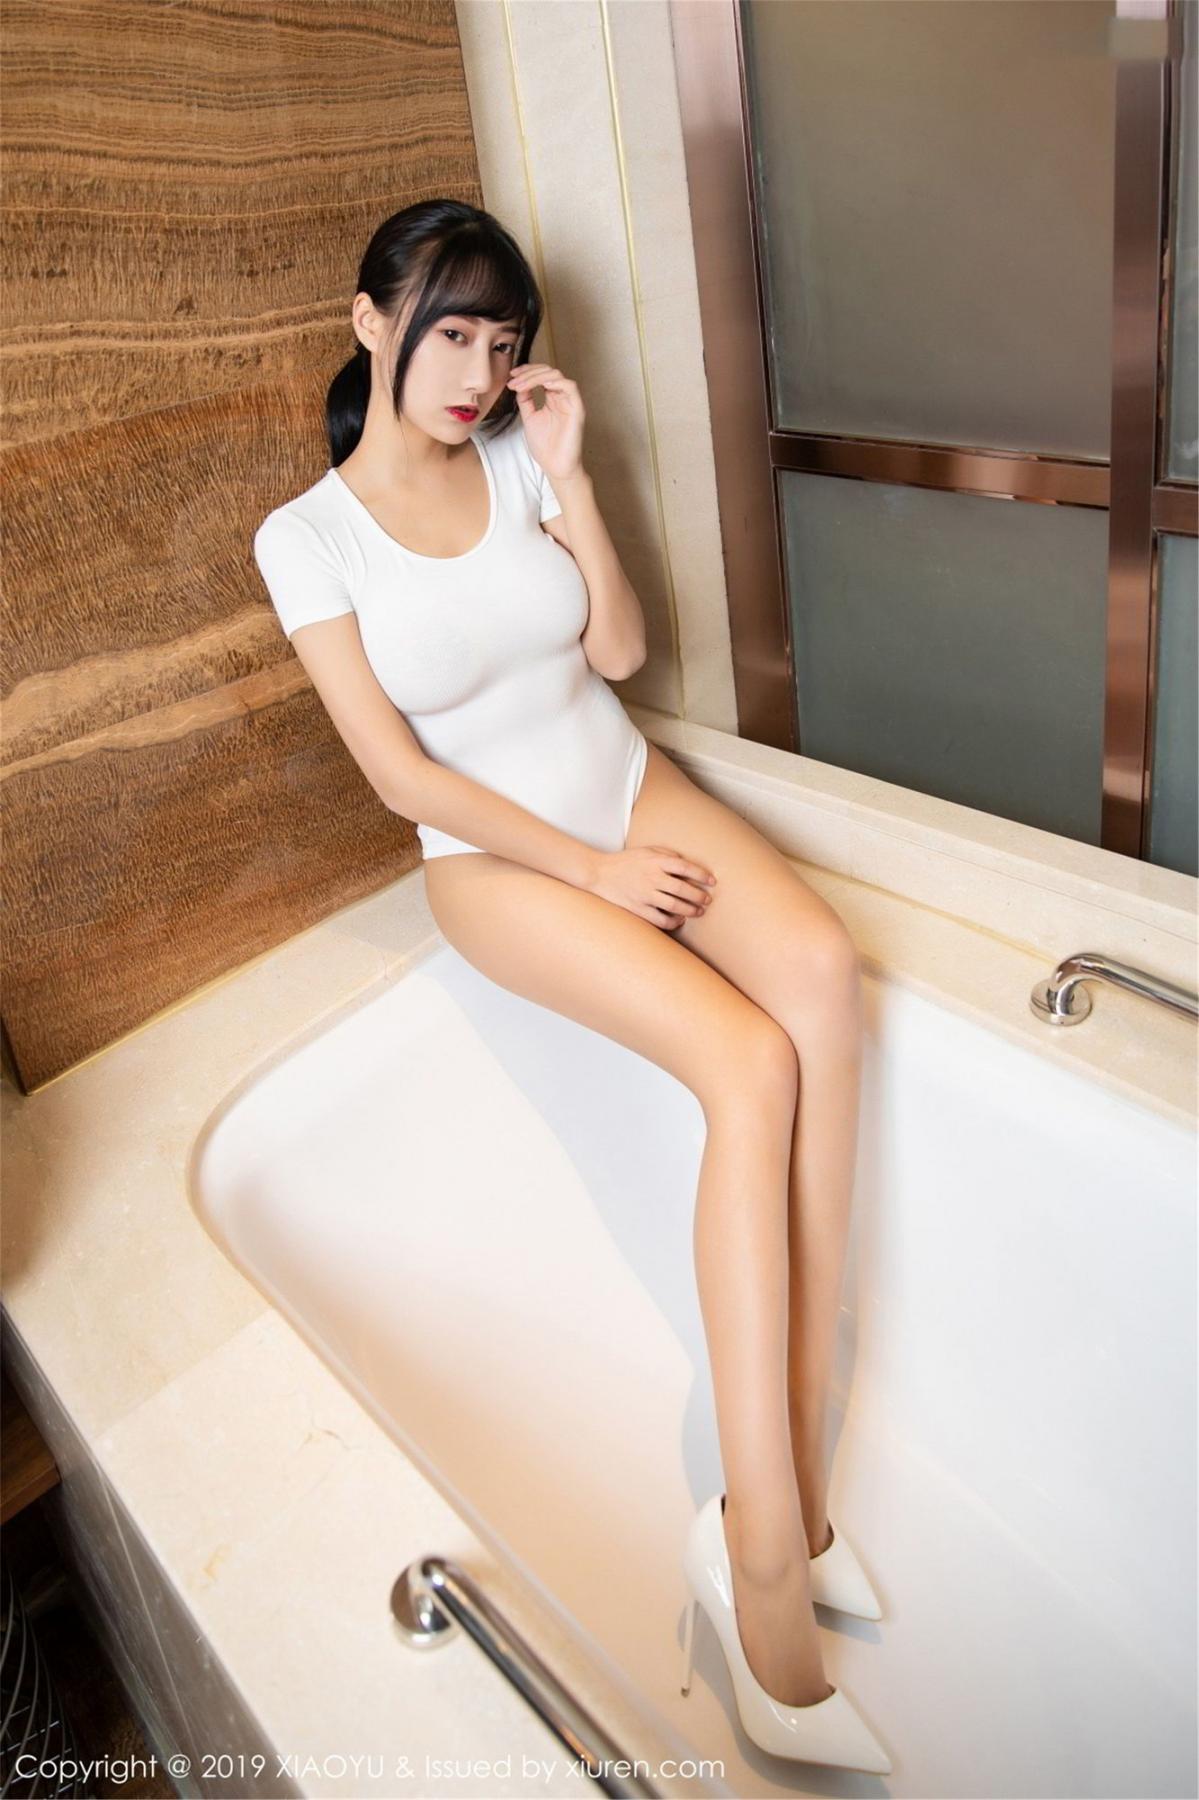 [XiaoYu] Vol.116 He Jia Ying 8P, Bathroom, He Jia Ying, Wet, XiaoYu